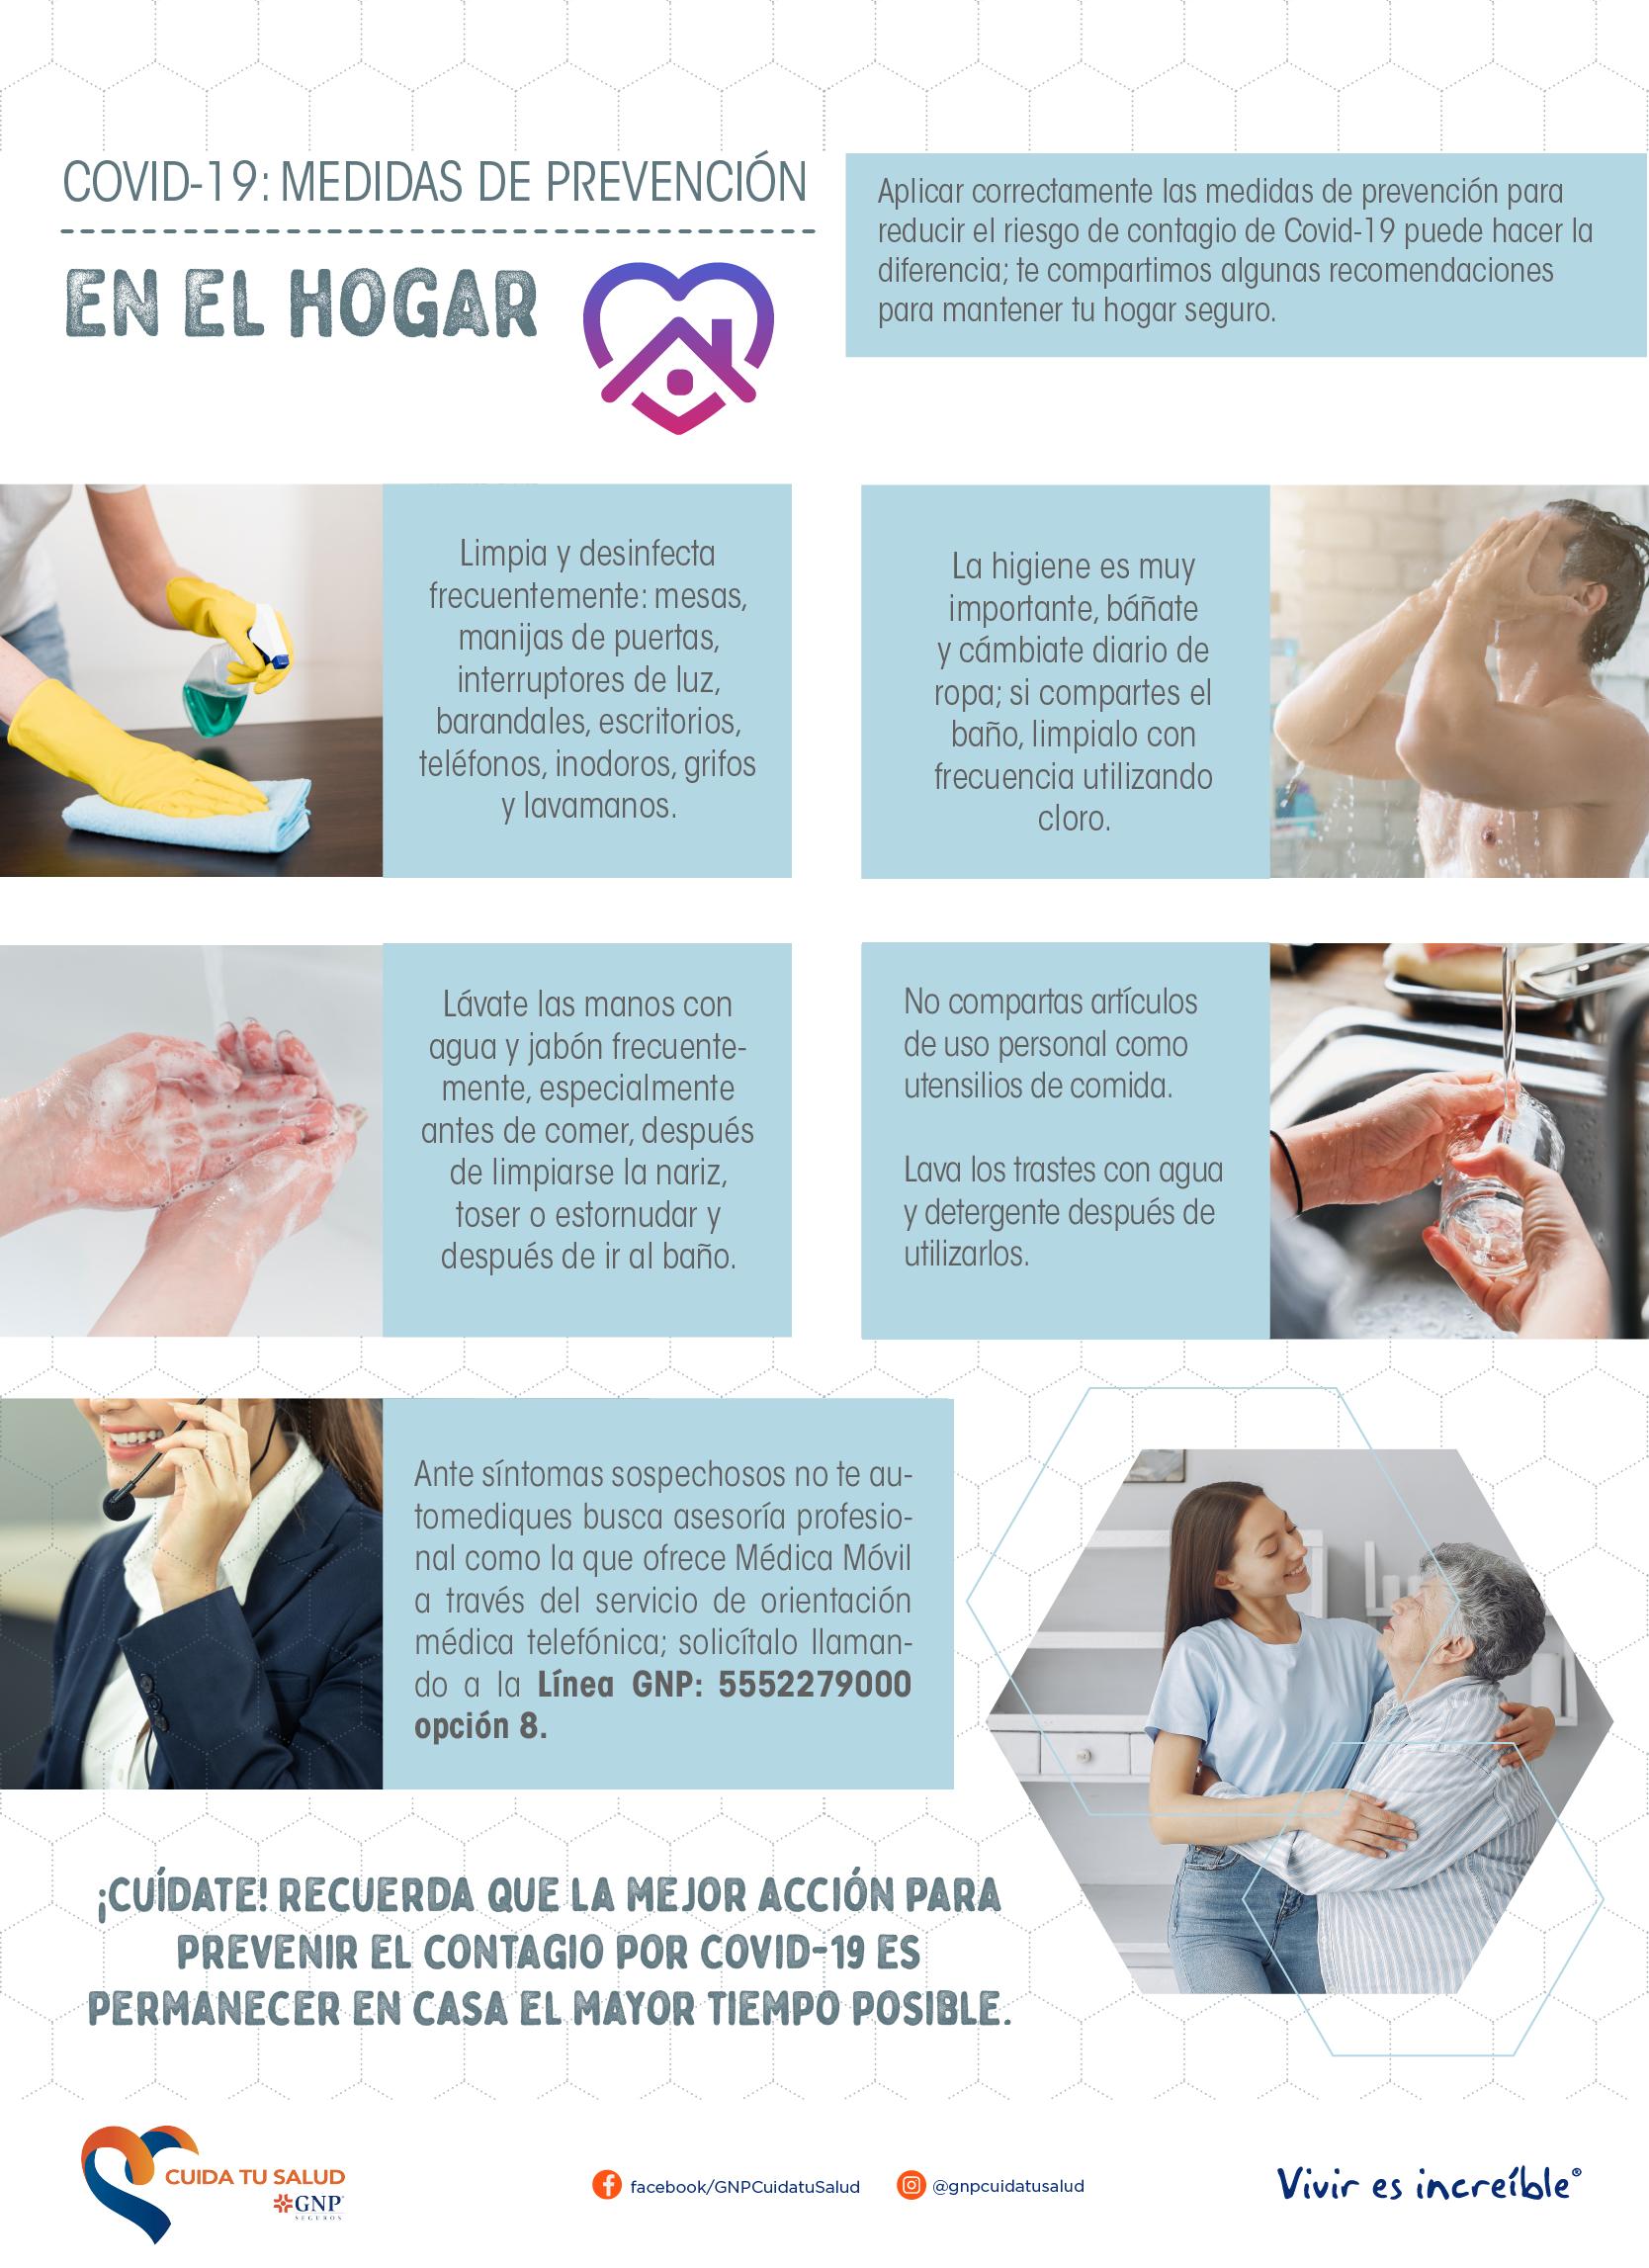 Covid-19: prevención en el hogar